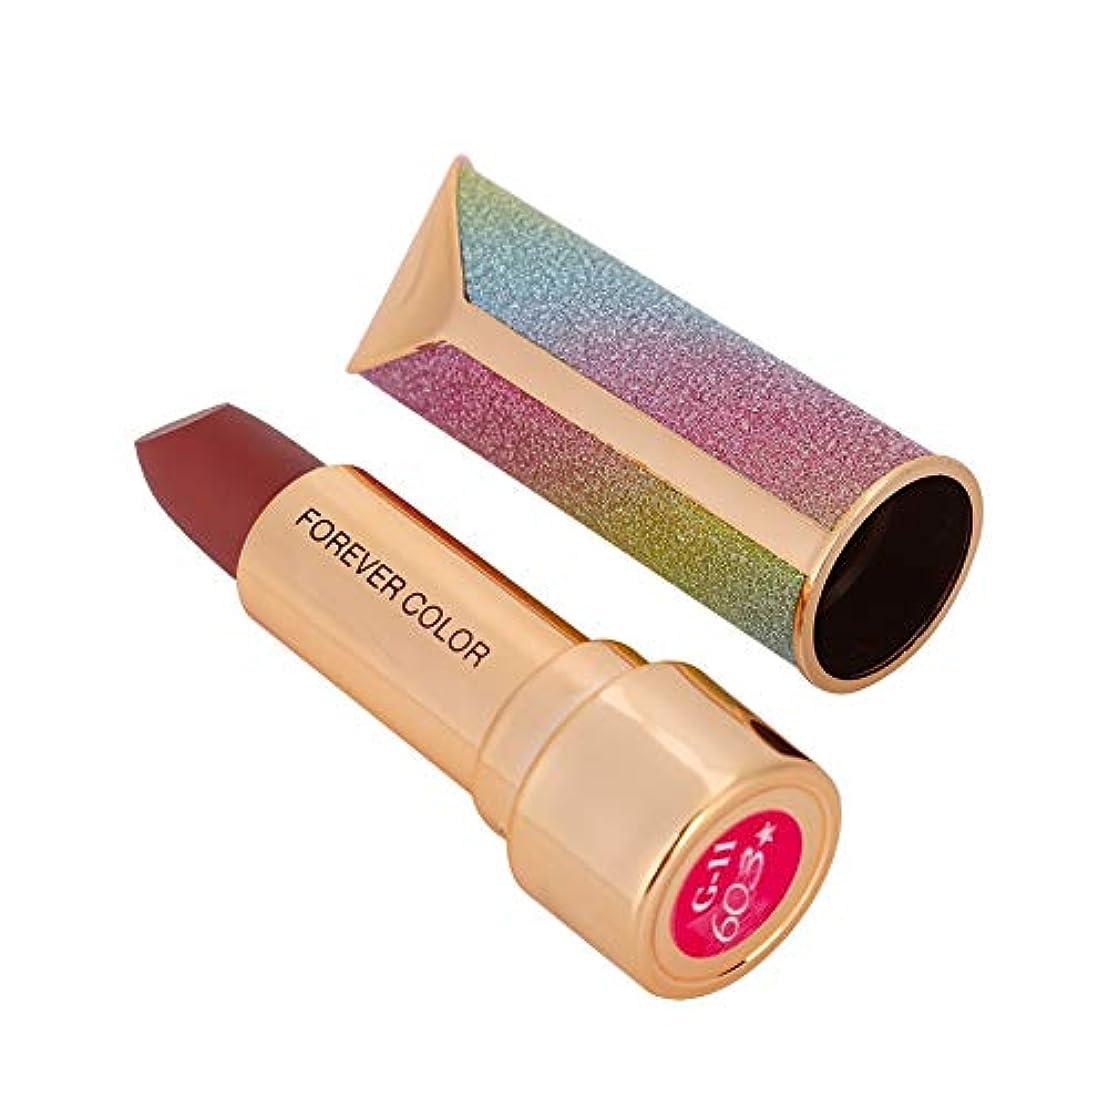 タオルじゃがいもフレット4色合いの口紅、モイスチャライジングマットリップスティック、長持ち水防水リップクリーム、化粧品、化粧道具(603#)